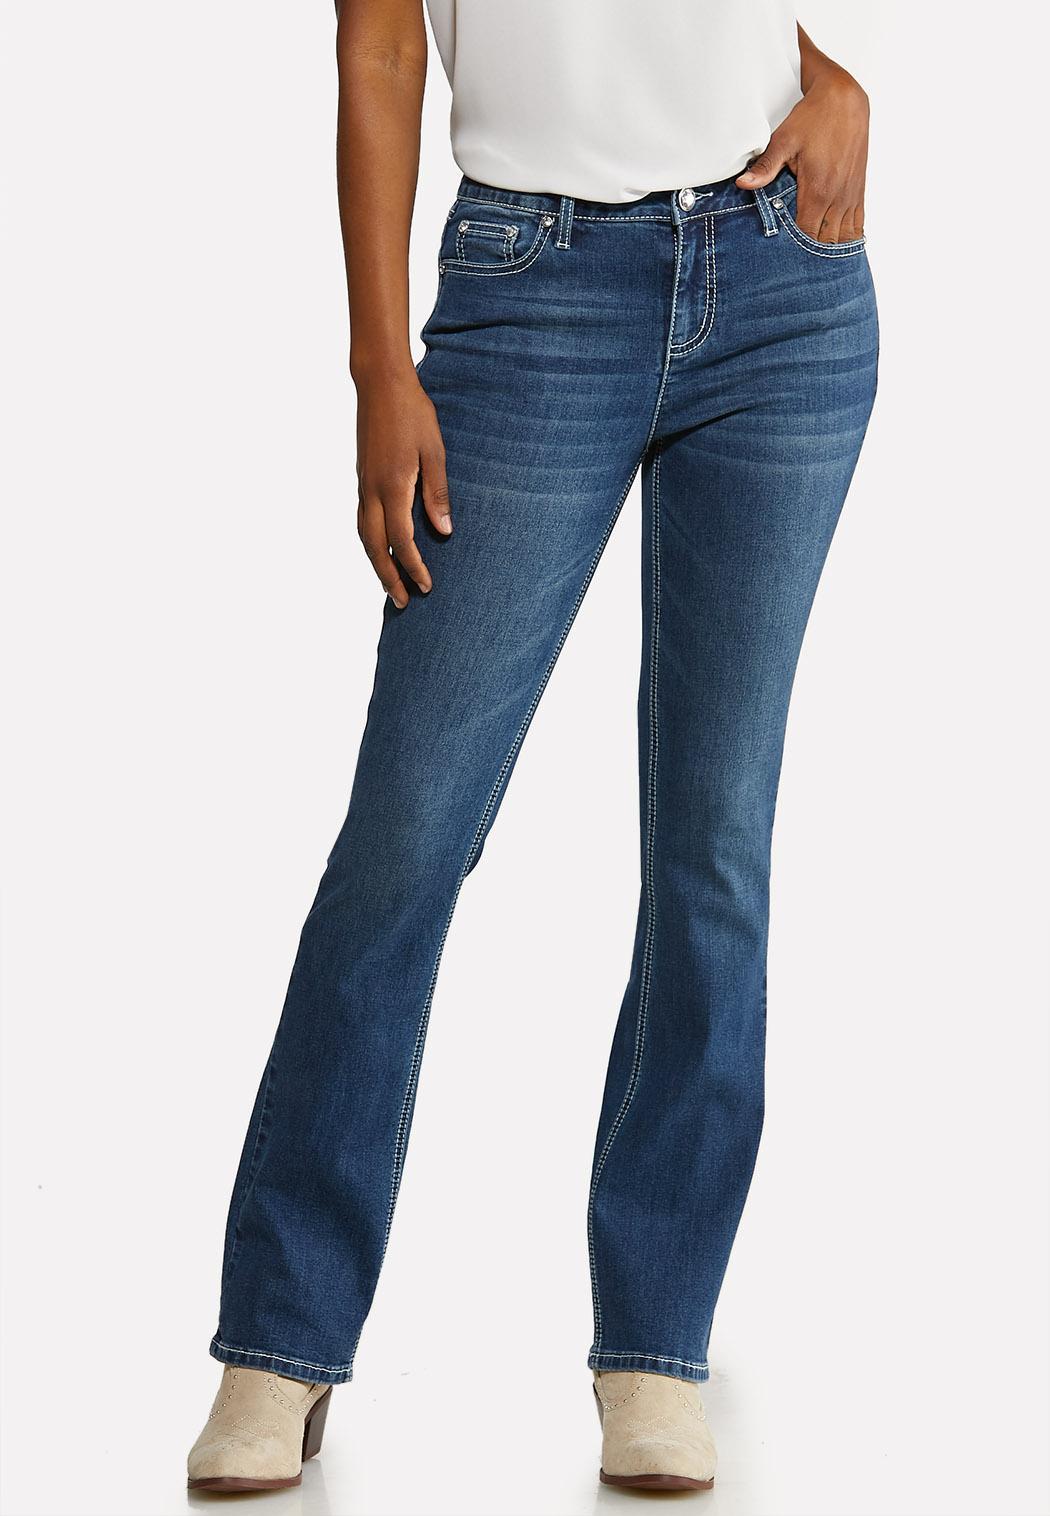 Petite Sequin Embellished Pocket Jeans (Item #44097800)